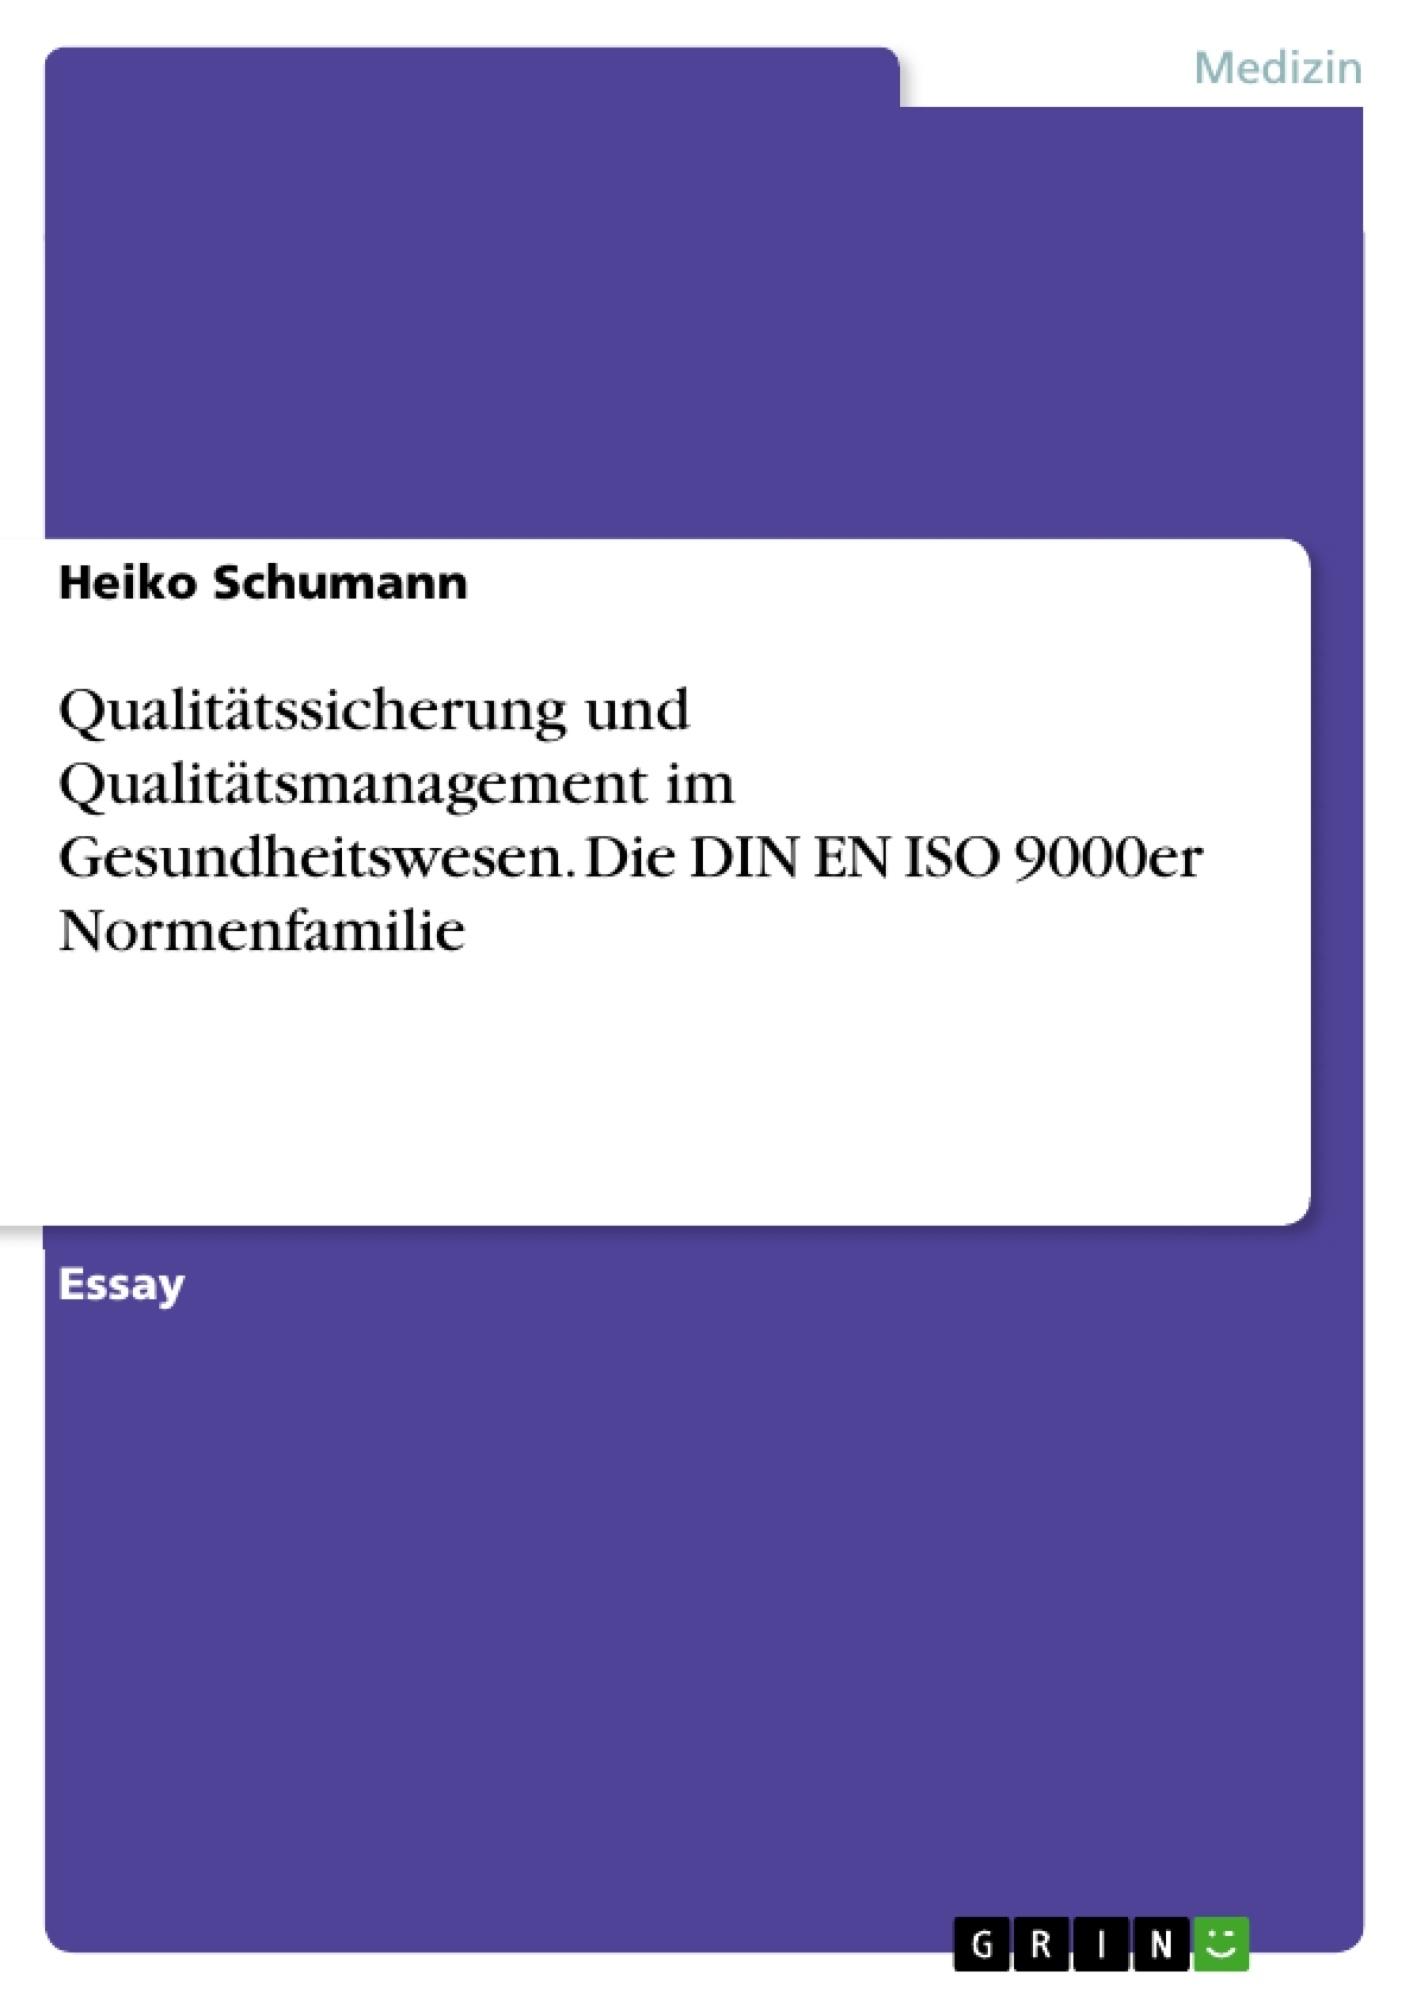 Titel: Qualitätssicherung und Qualitätsmanagement im Gesundheitswesen. Die DIN EN ISO 9000er Normenfamilie